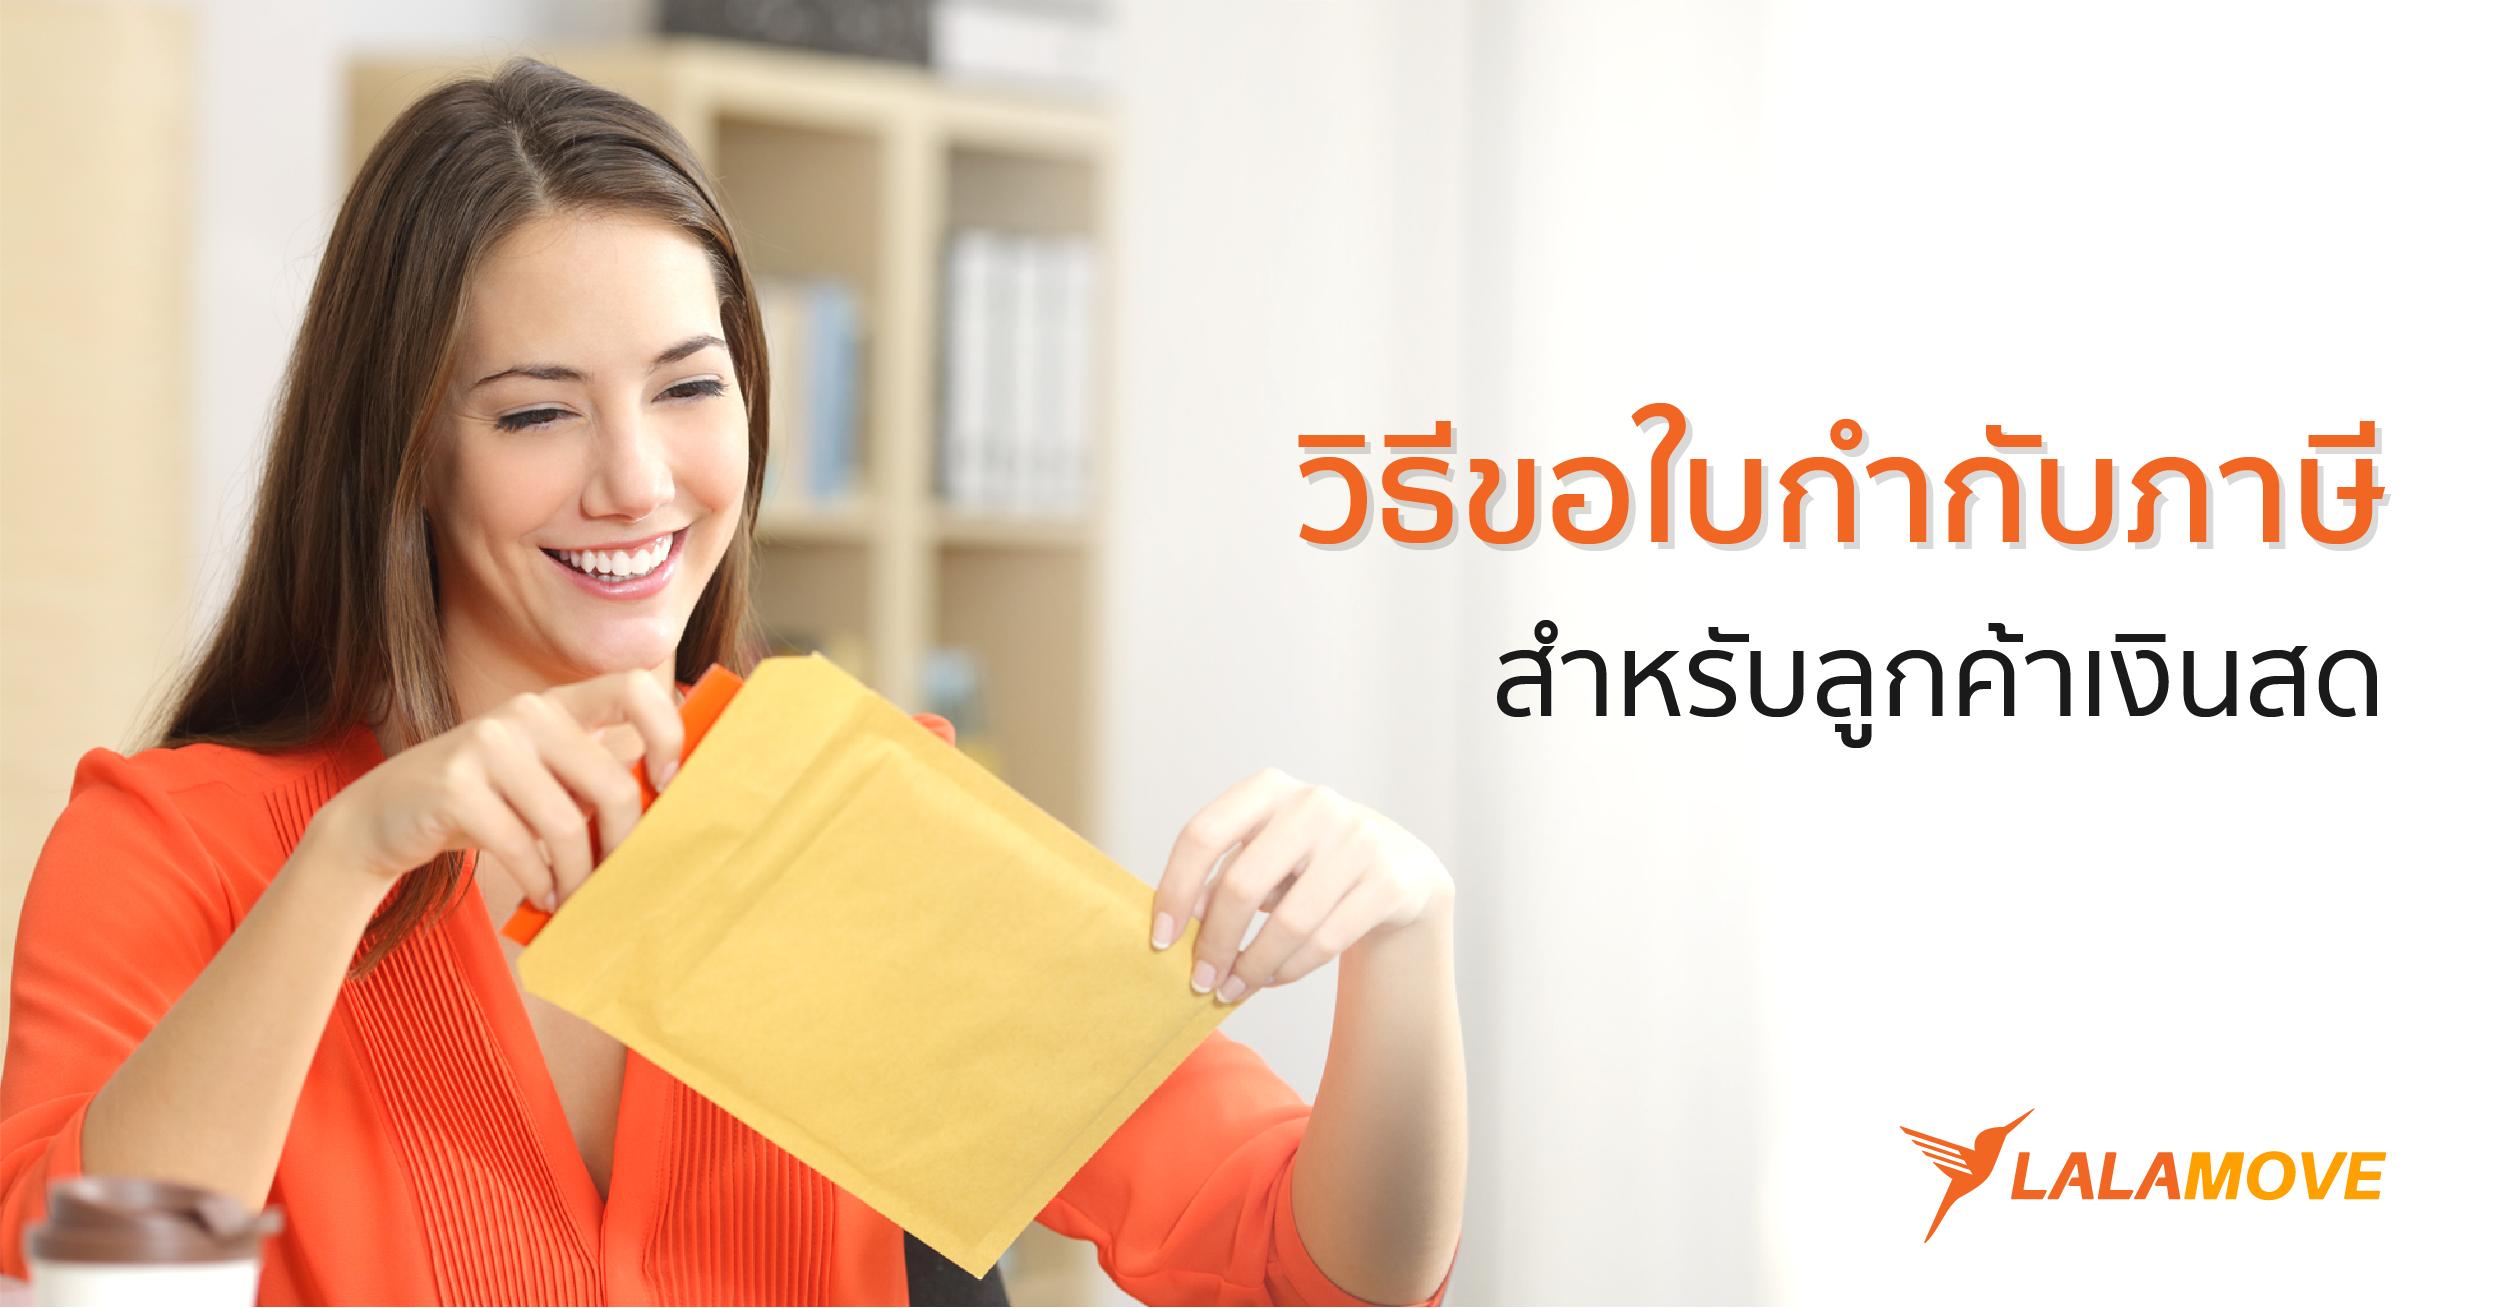 วิธีการขอใบกำกับภาษี (Tax Invoice) สำหรับลูกค้าเงินสด